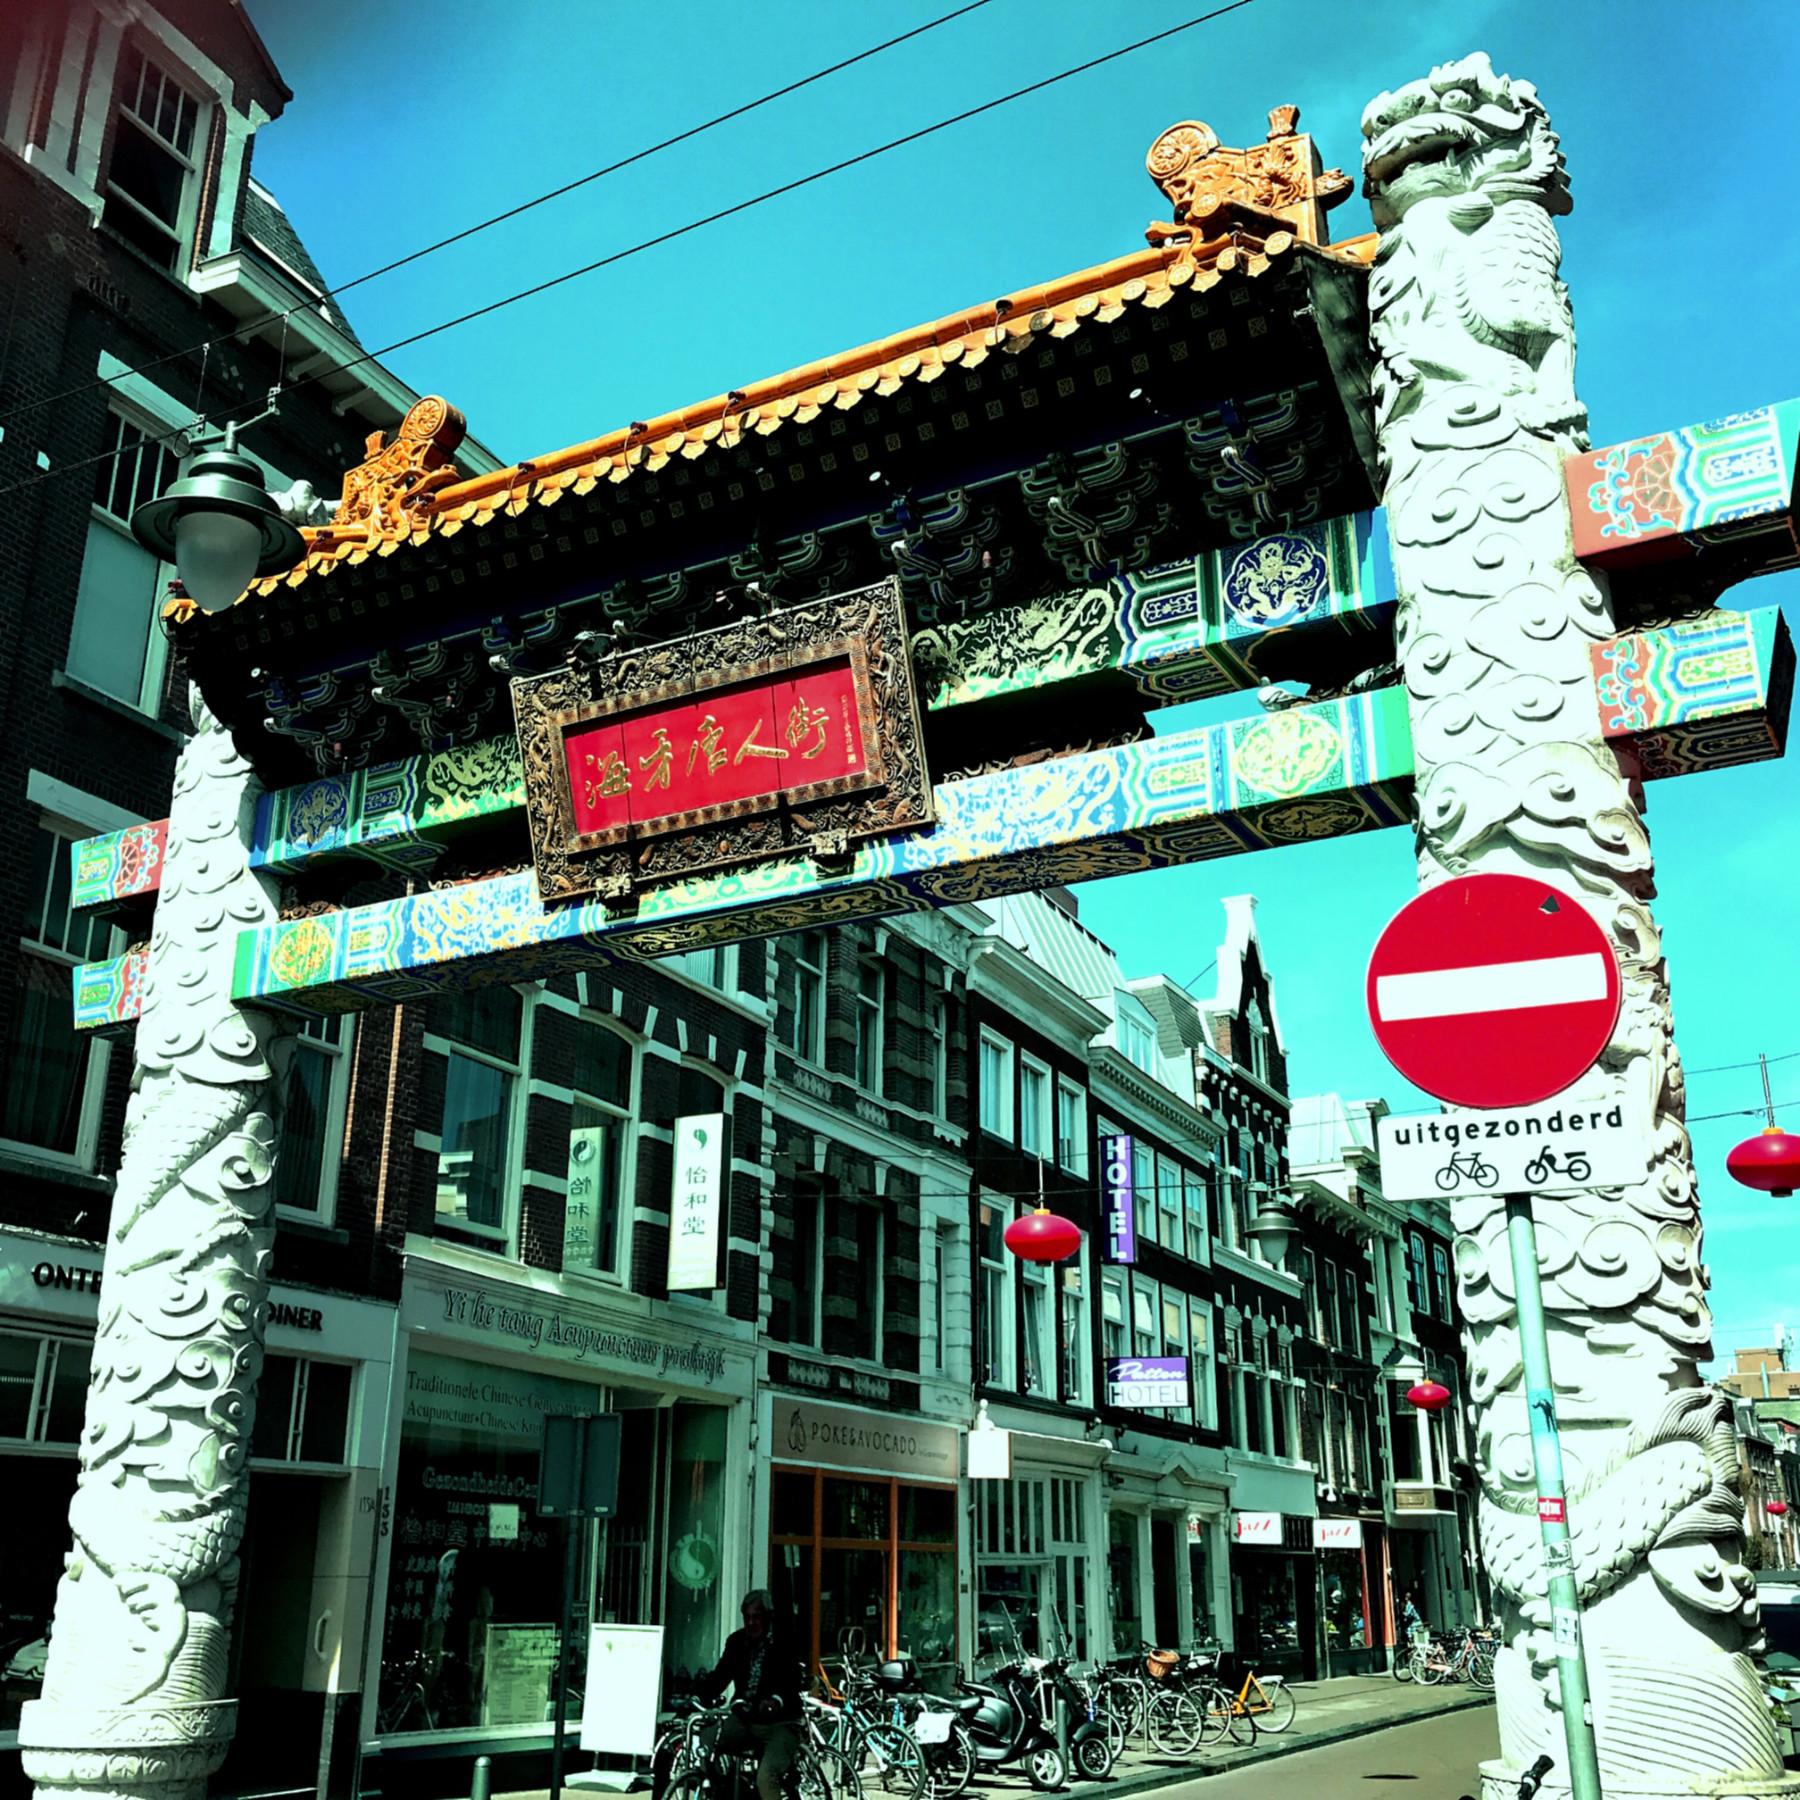 002-Nederland-Den Haag